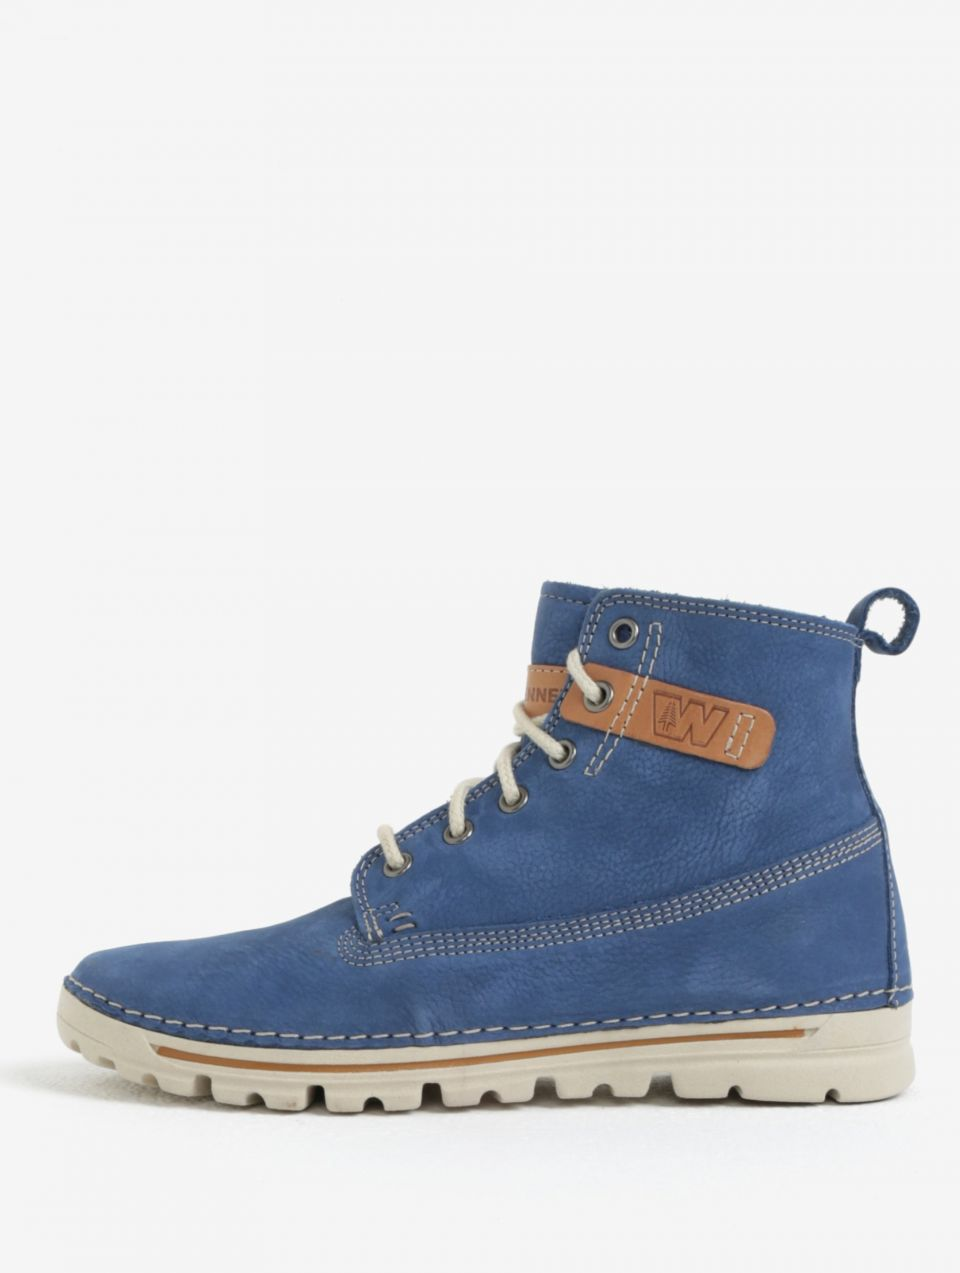 Modré dámske kožené členkové topánky Weinbrenner značky Weinbrenner ... d6936af53af